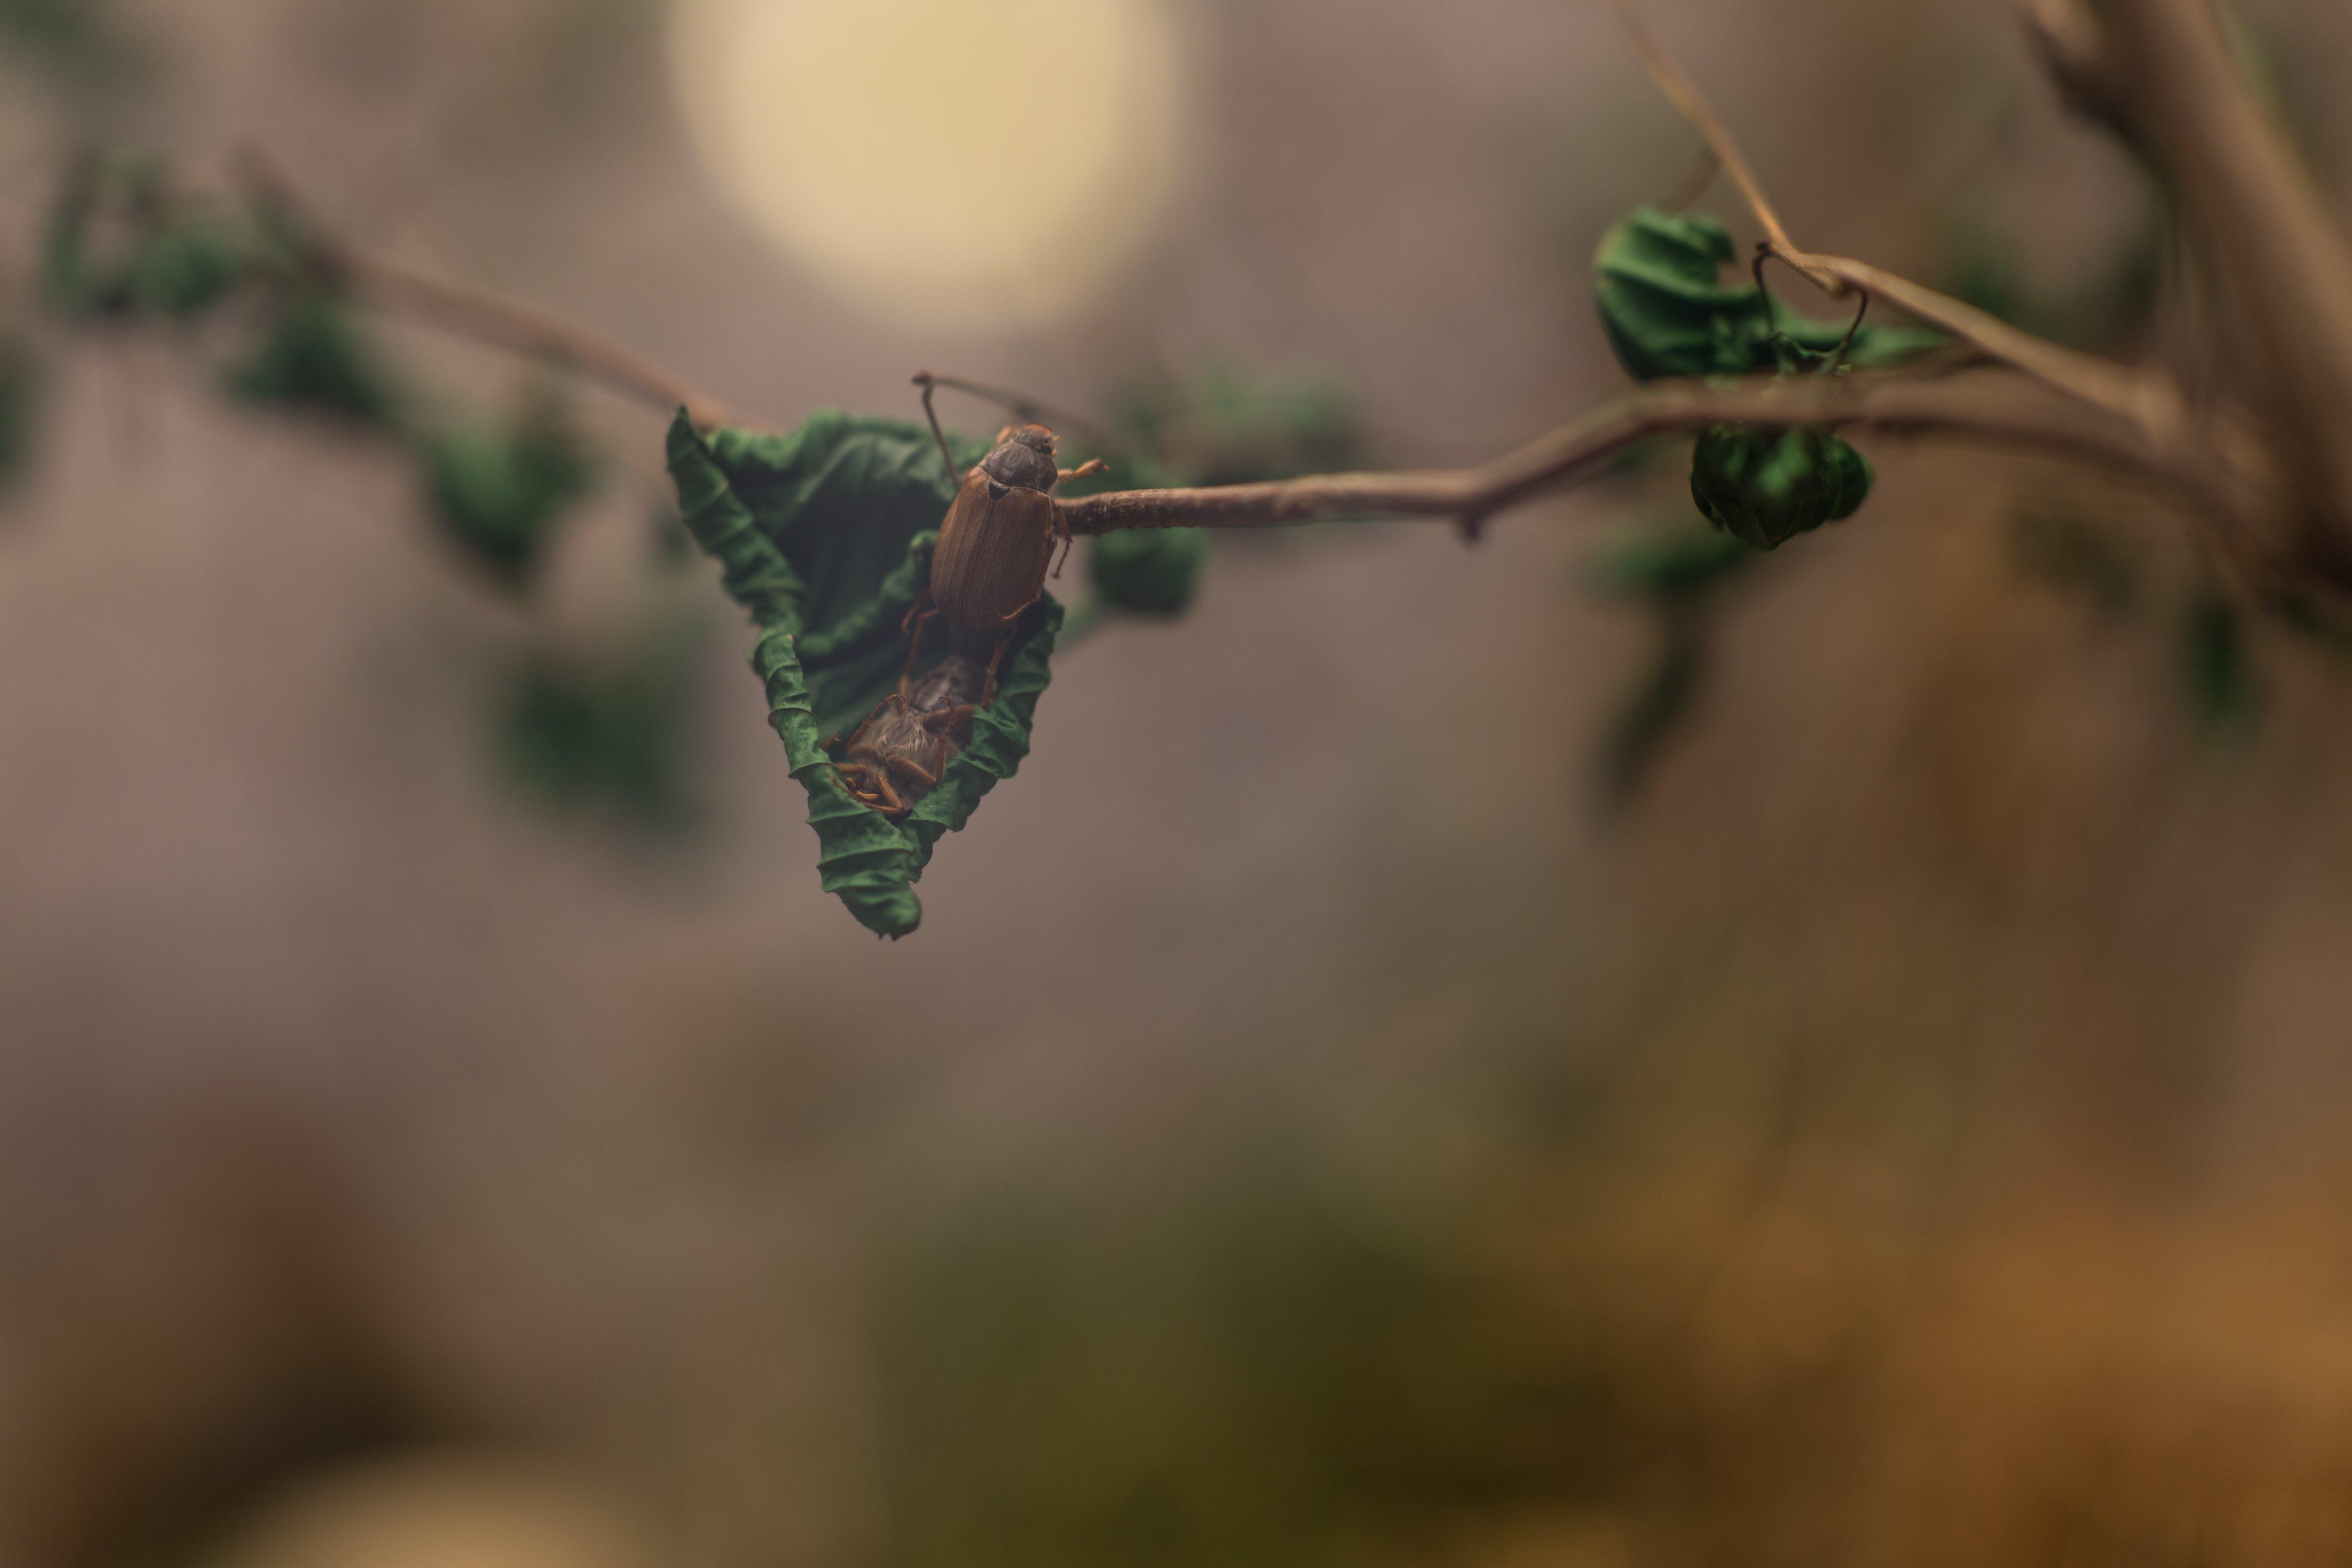 Two Brown Beetles on Leaves